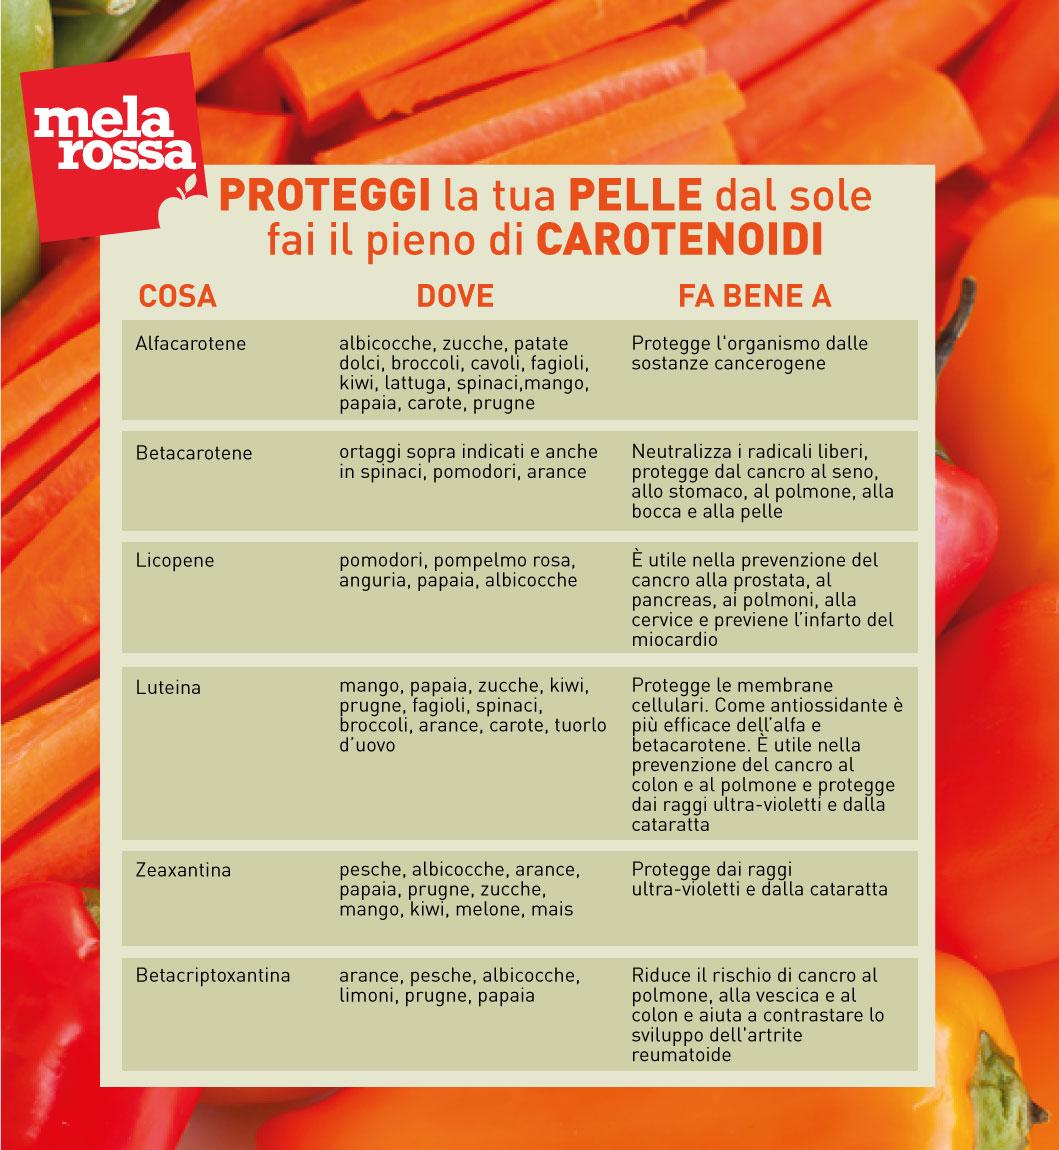 Cómo proteger la piel del sol con carotenoides